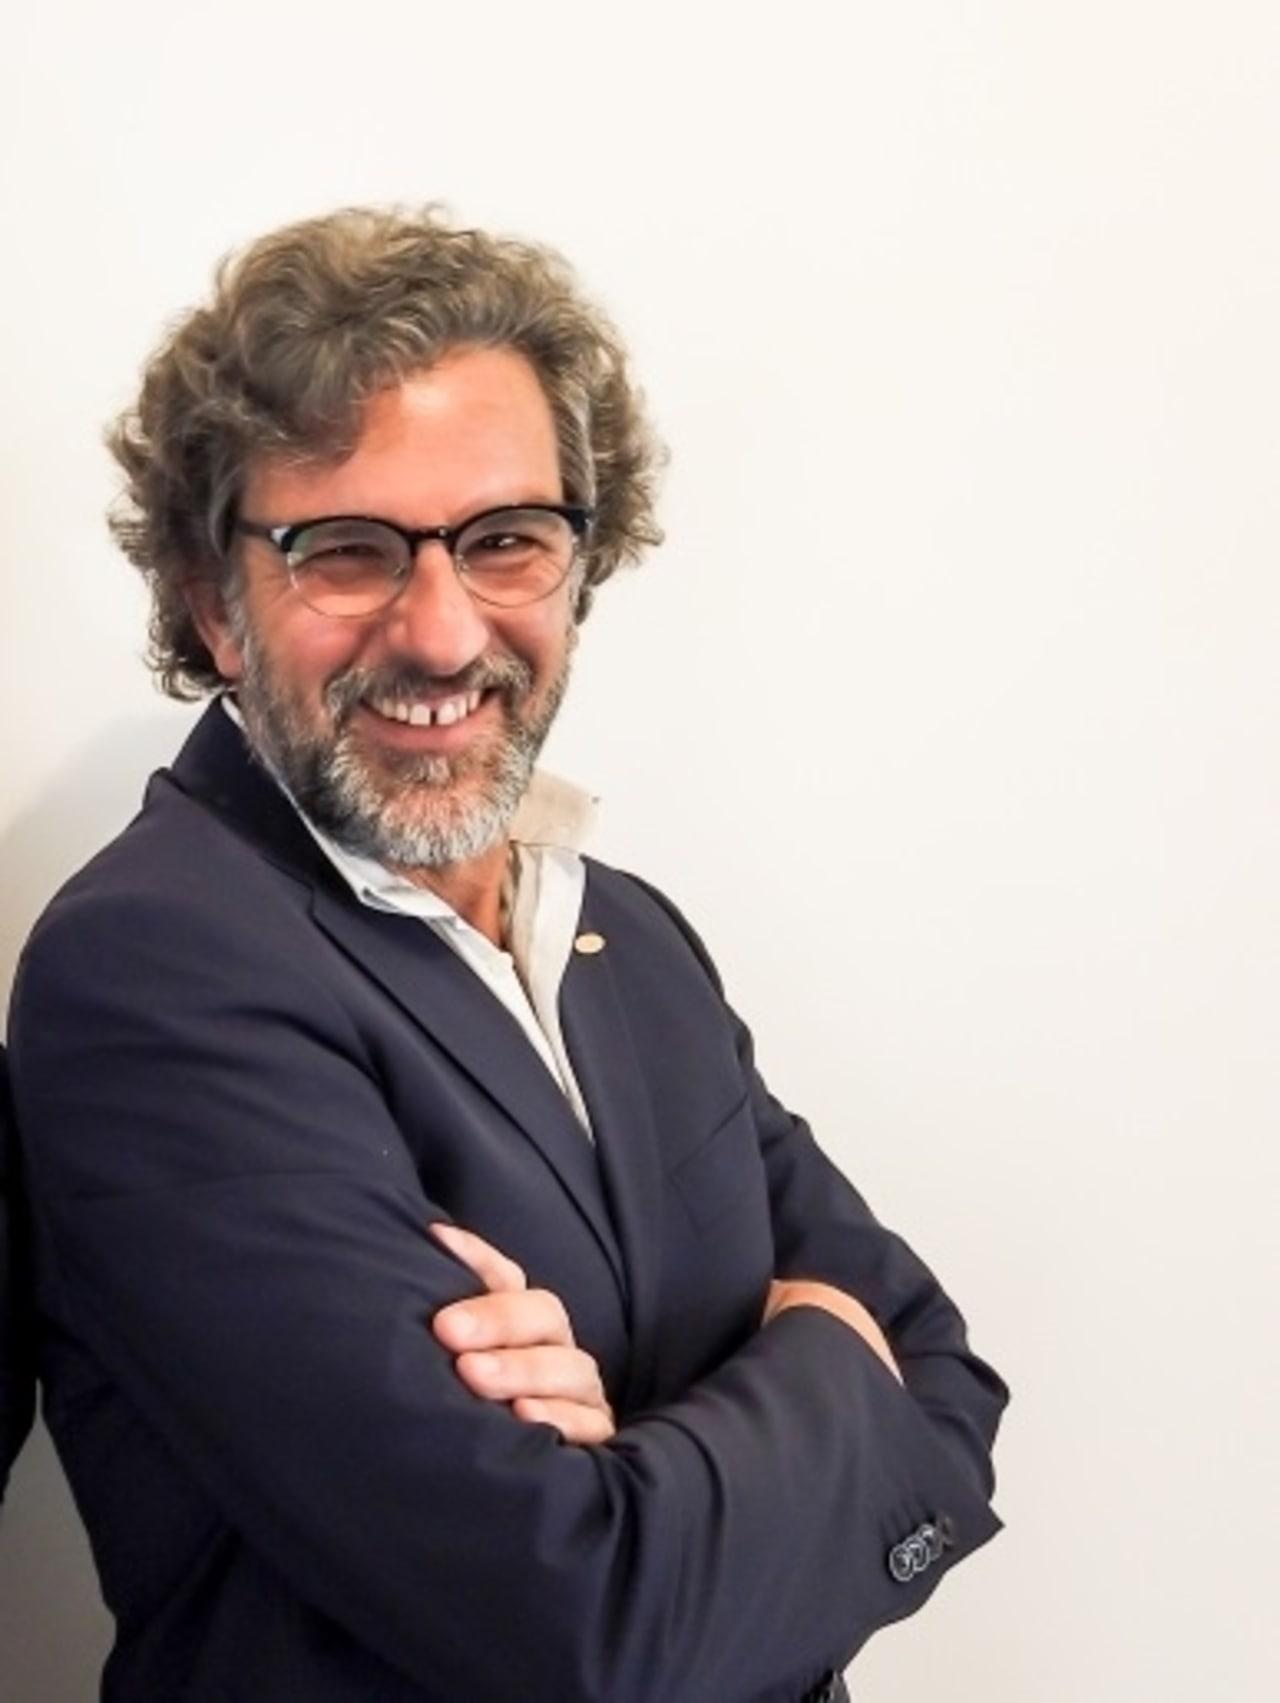 Luca Vernengo, president elect Mpi Italia